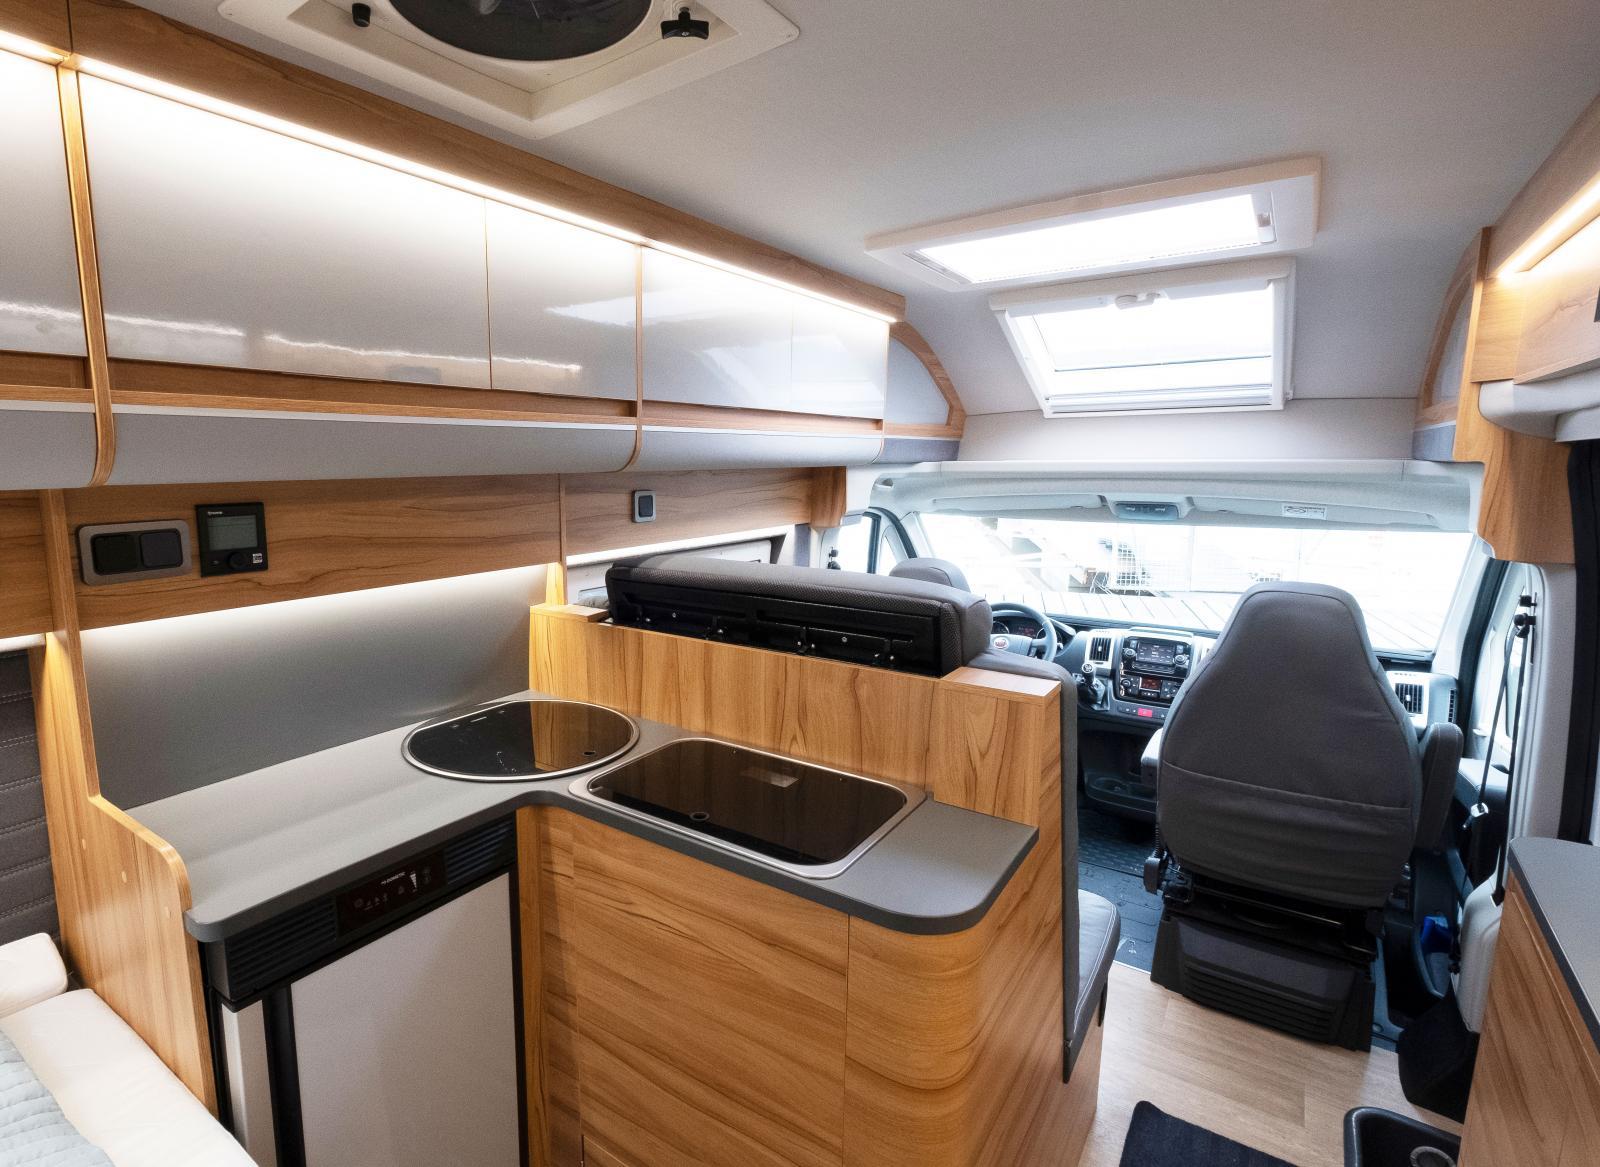 Köket är ett av de största vi sett i en så pass liten bil. Kul med nya grepp! Tyvätt finns det inge lådor under spisen, där är sängen.